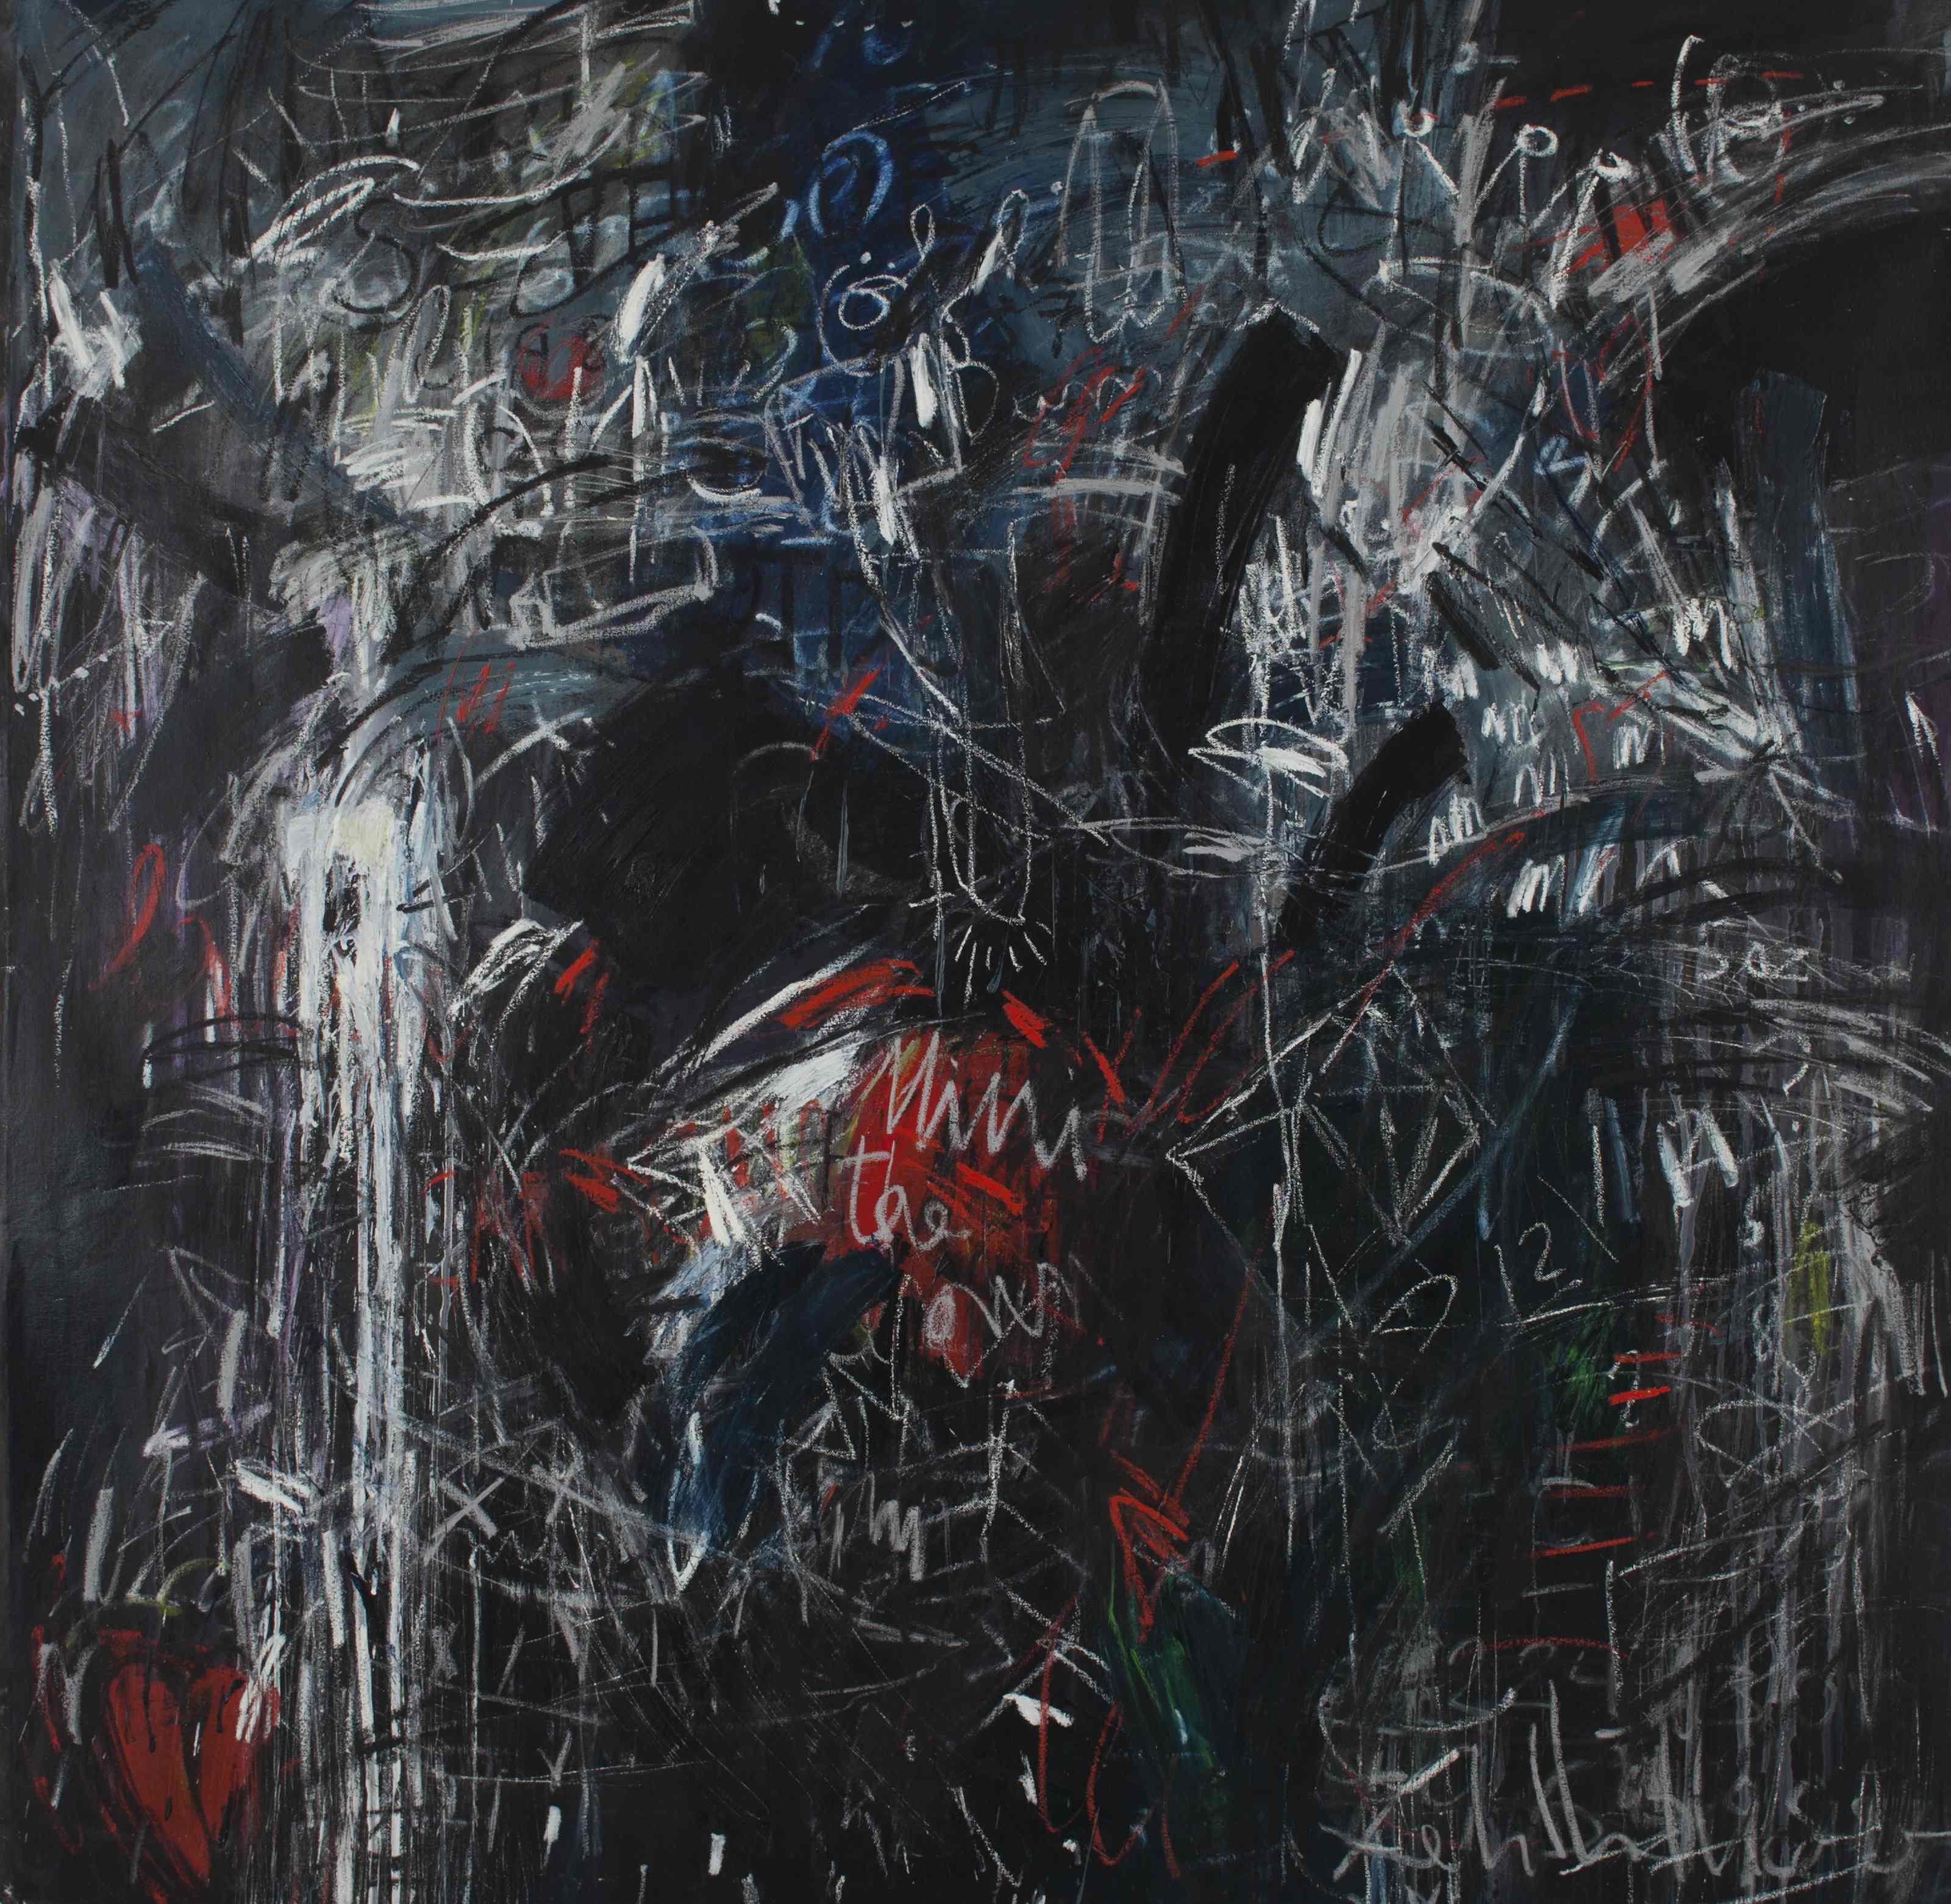 Skins of memory- Juan-Carlos Zeballos